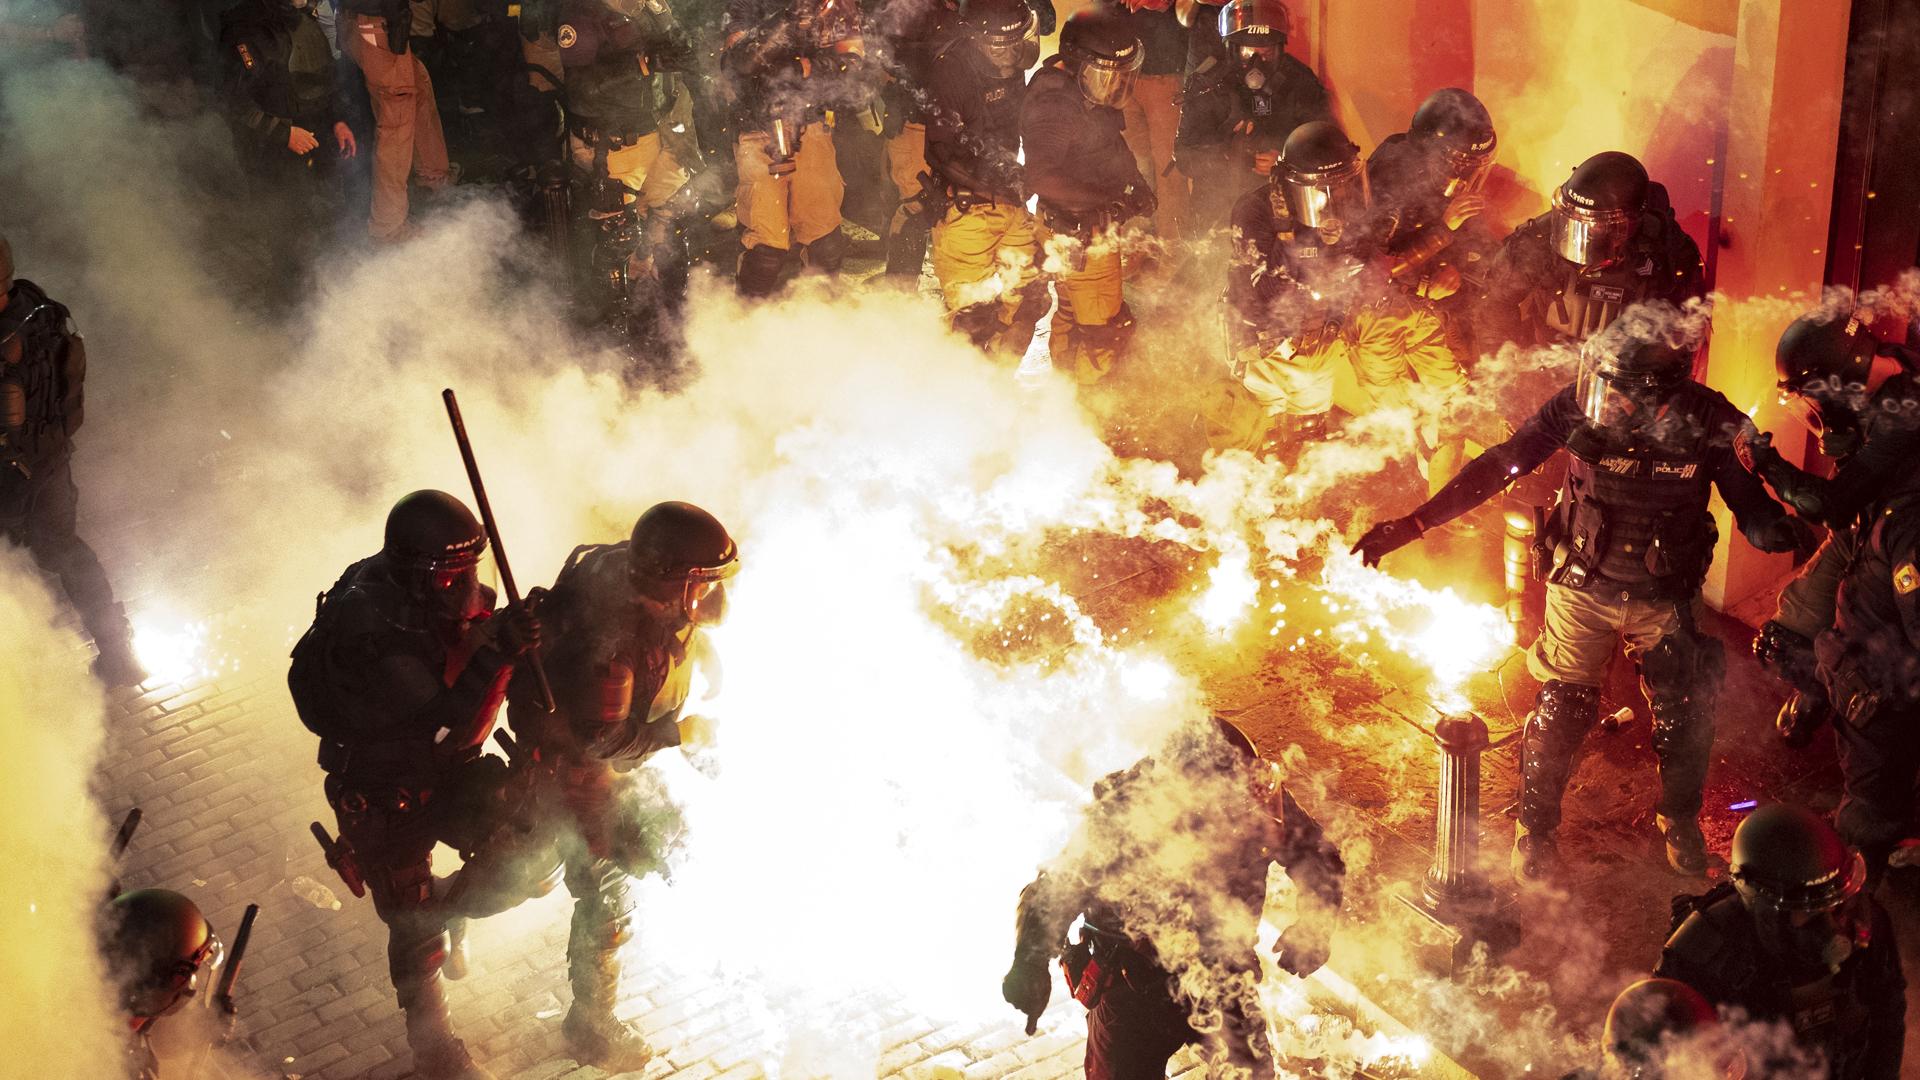 Escalofriante fuego cruzado entre la gente y policías en el Viejo San Juan